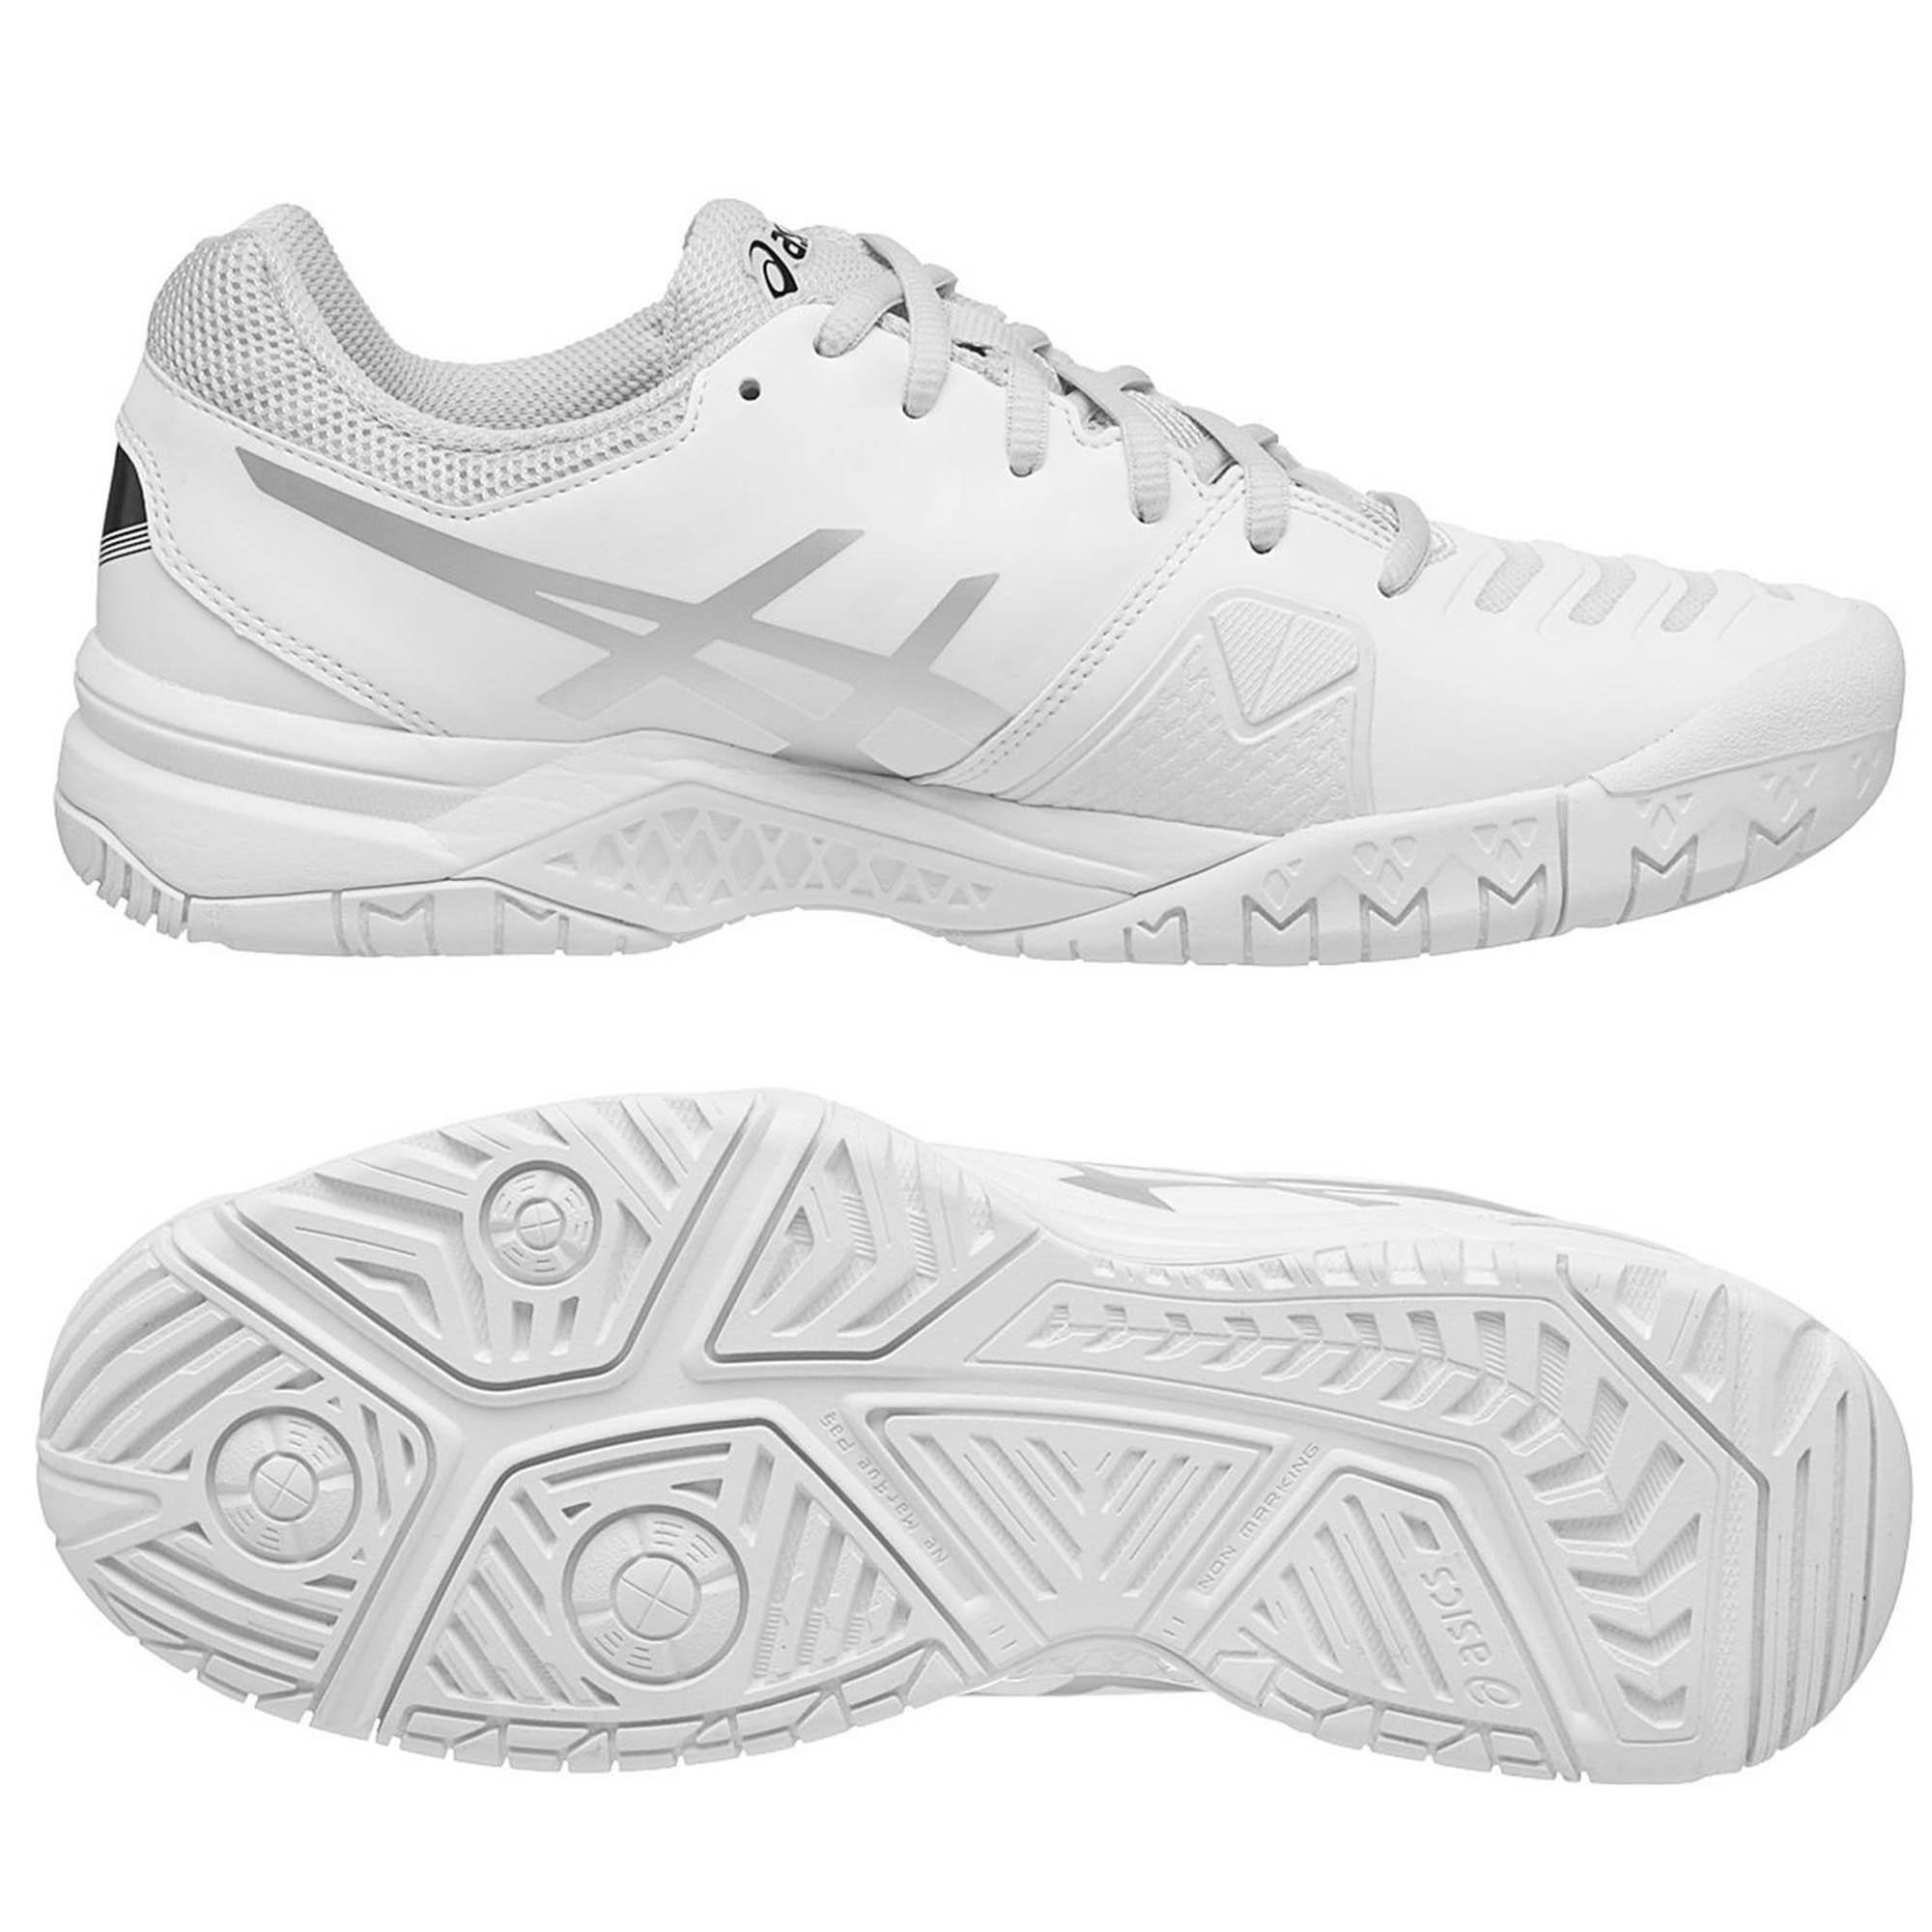 Asics GelChallenger 11 Mens Tennis Shoes  WhiteSilver 11.5 UK